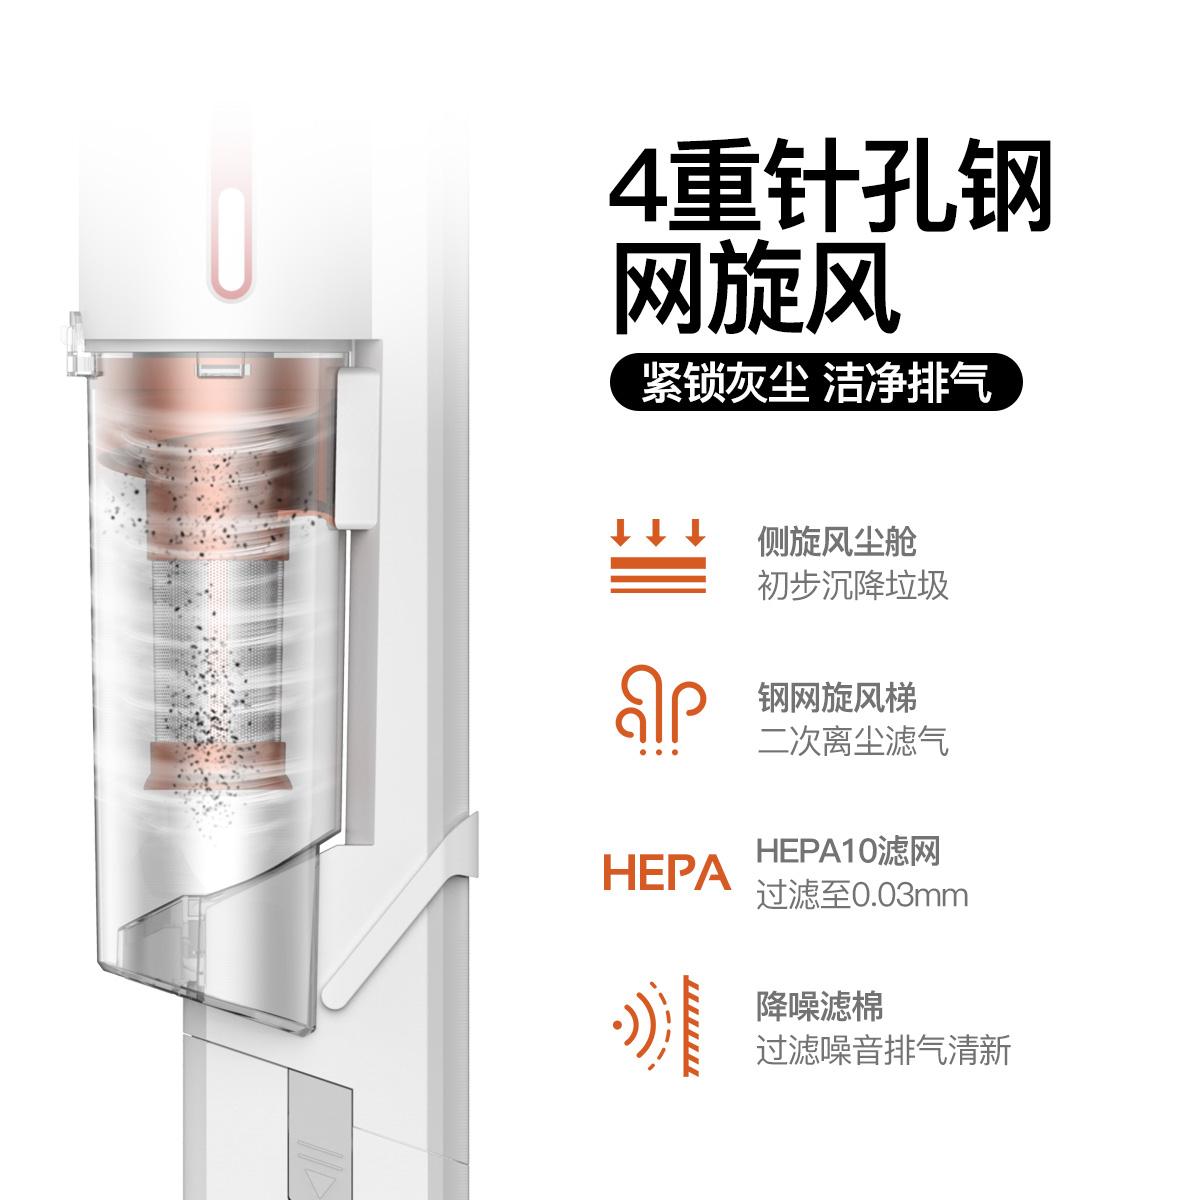 德尔玛无线吸尘器家用手持式超静音小型强力大功率吸小狗毛小米粒